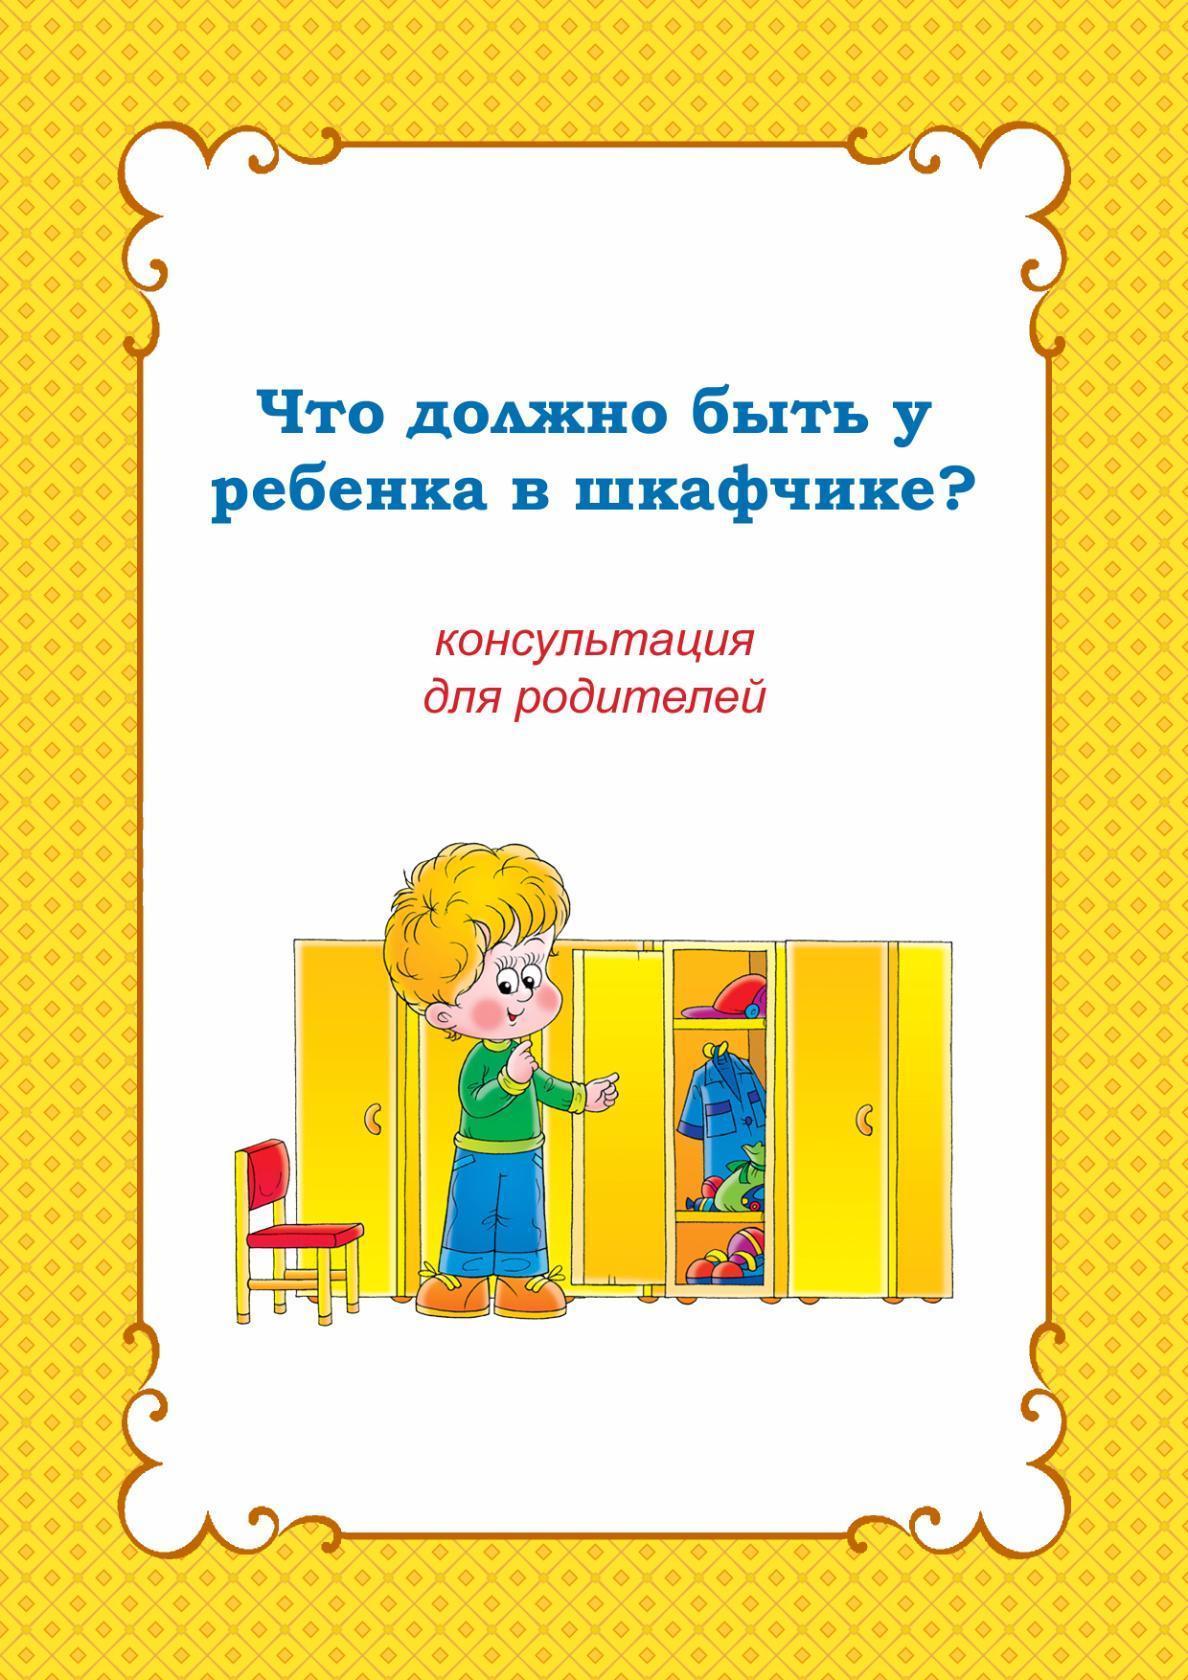 Картинки по запросу Что должно быть у ребёнка в шкафчике